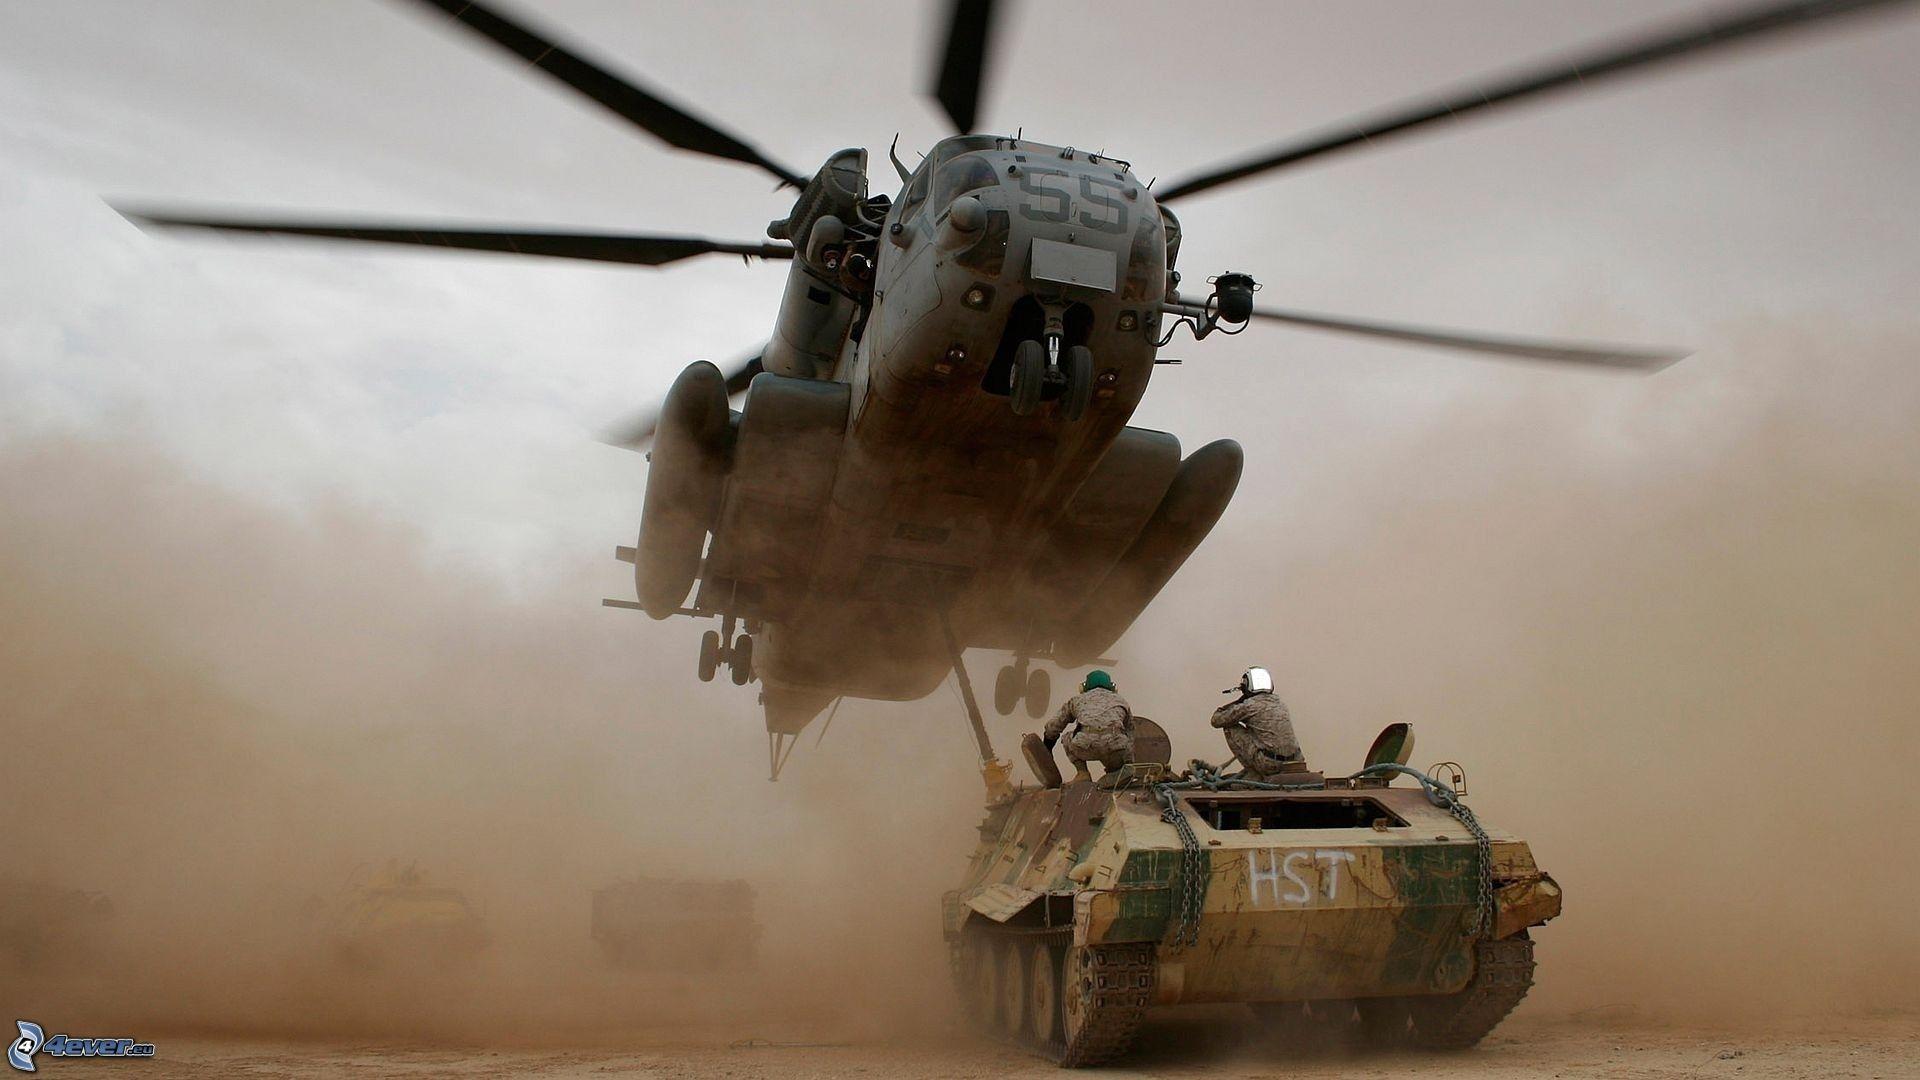 les éléments - Page 24 Helicoptere-militaire,-char-161019